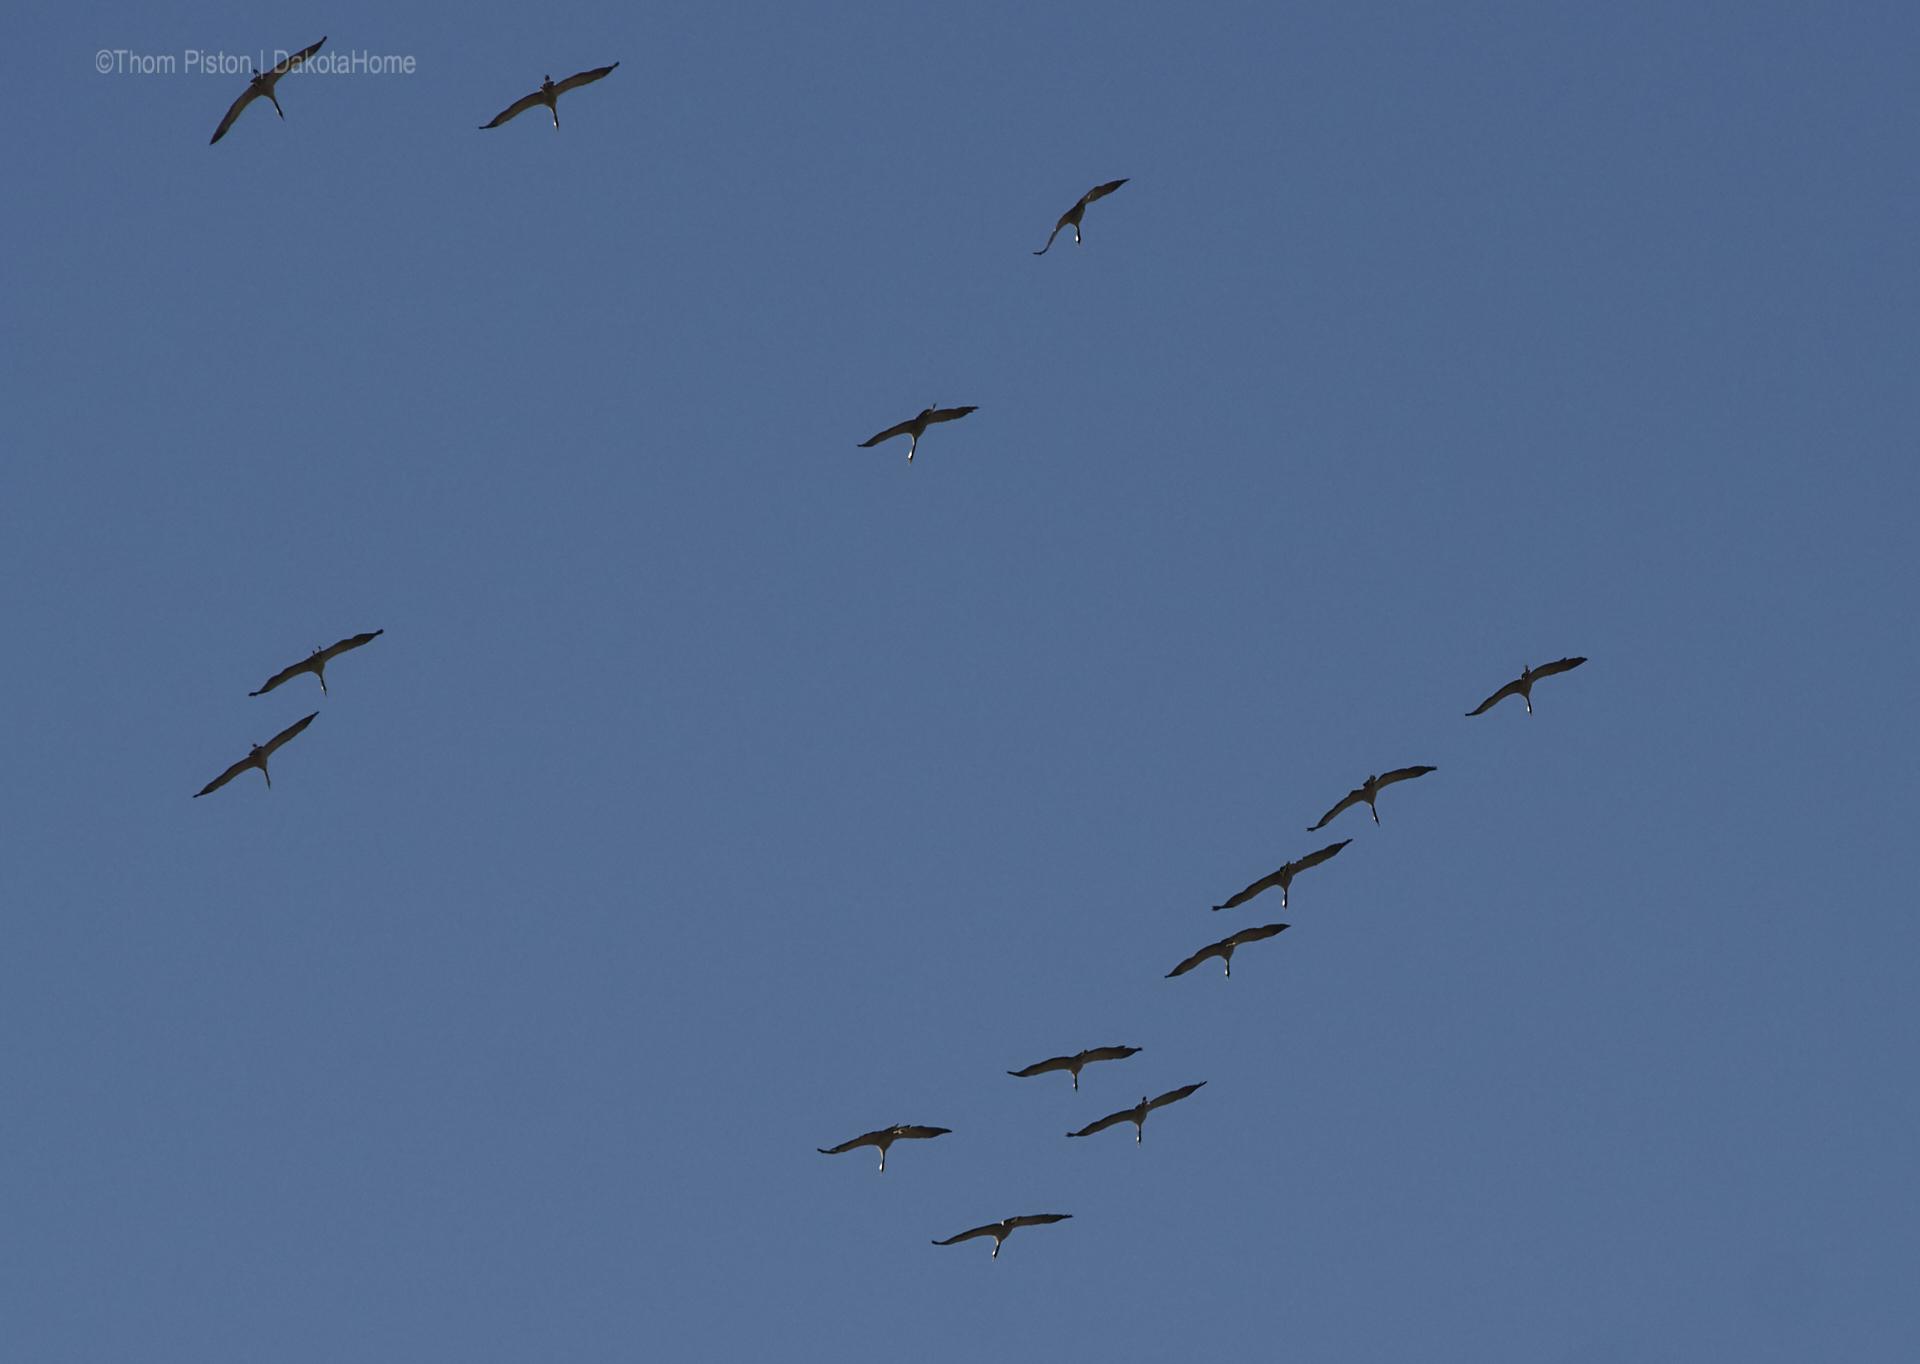 ...die Vögel sammeln sich um uns im Winter allein zu lassen...